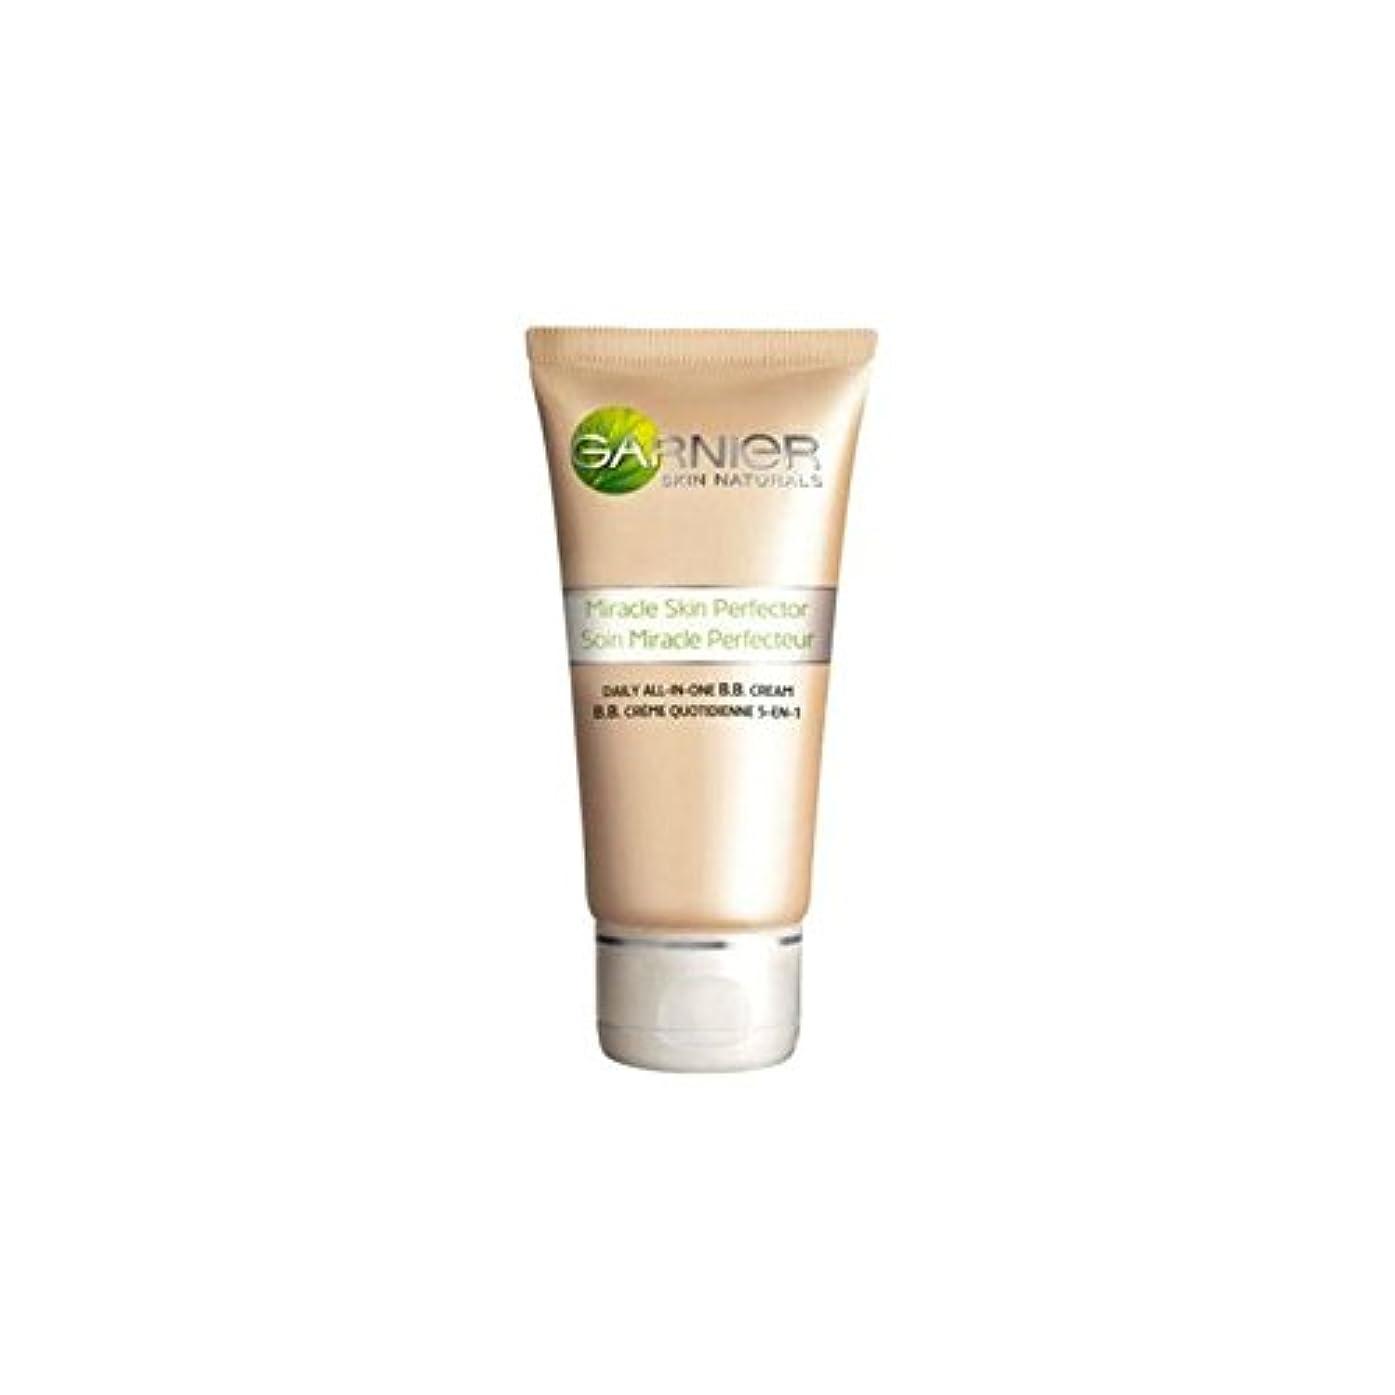 生む回る純粋なGarnier Original Medium Bb Cream (50ml) (Pack of 6) - ガルニエオリジナル媒体クリーム(50)中 x6 [並行輸入品]